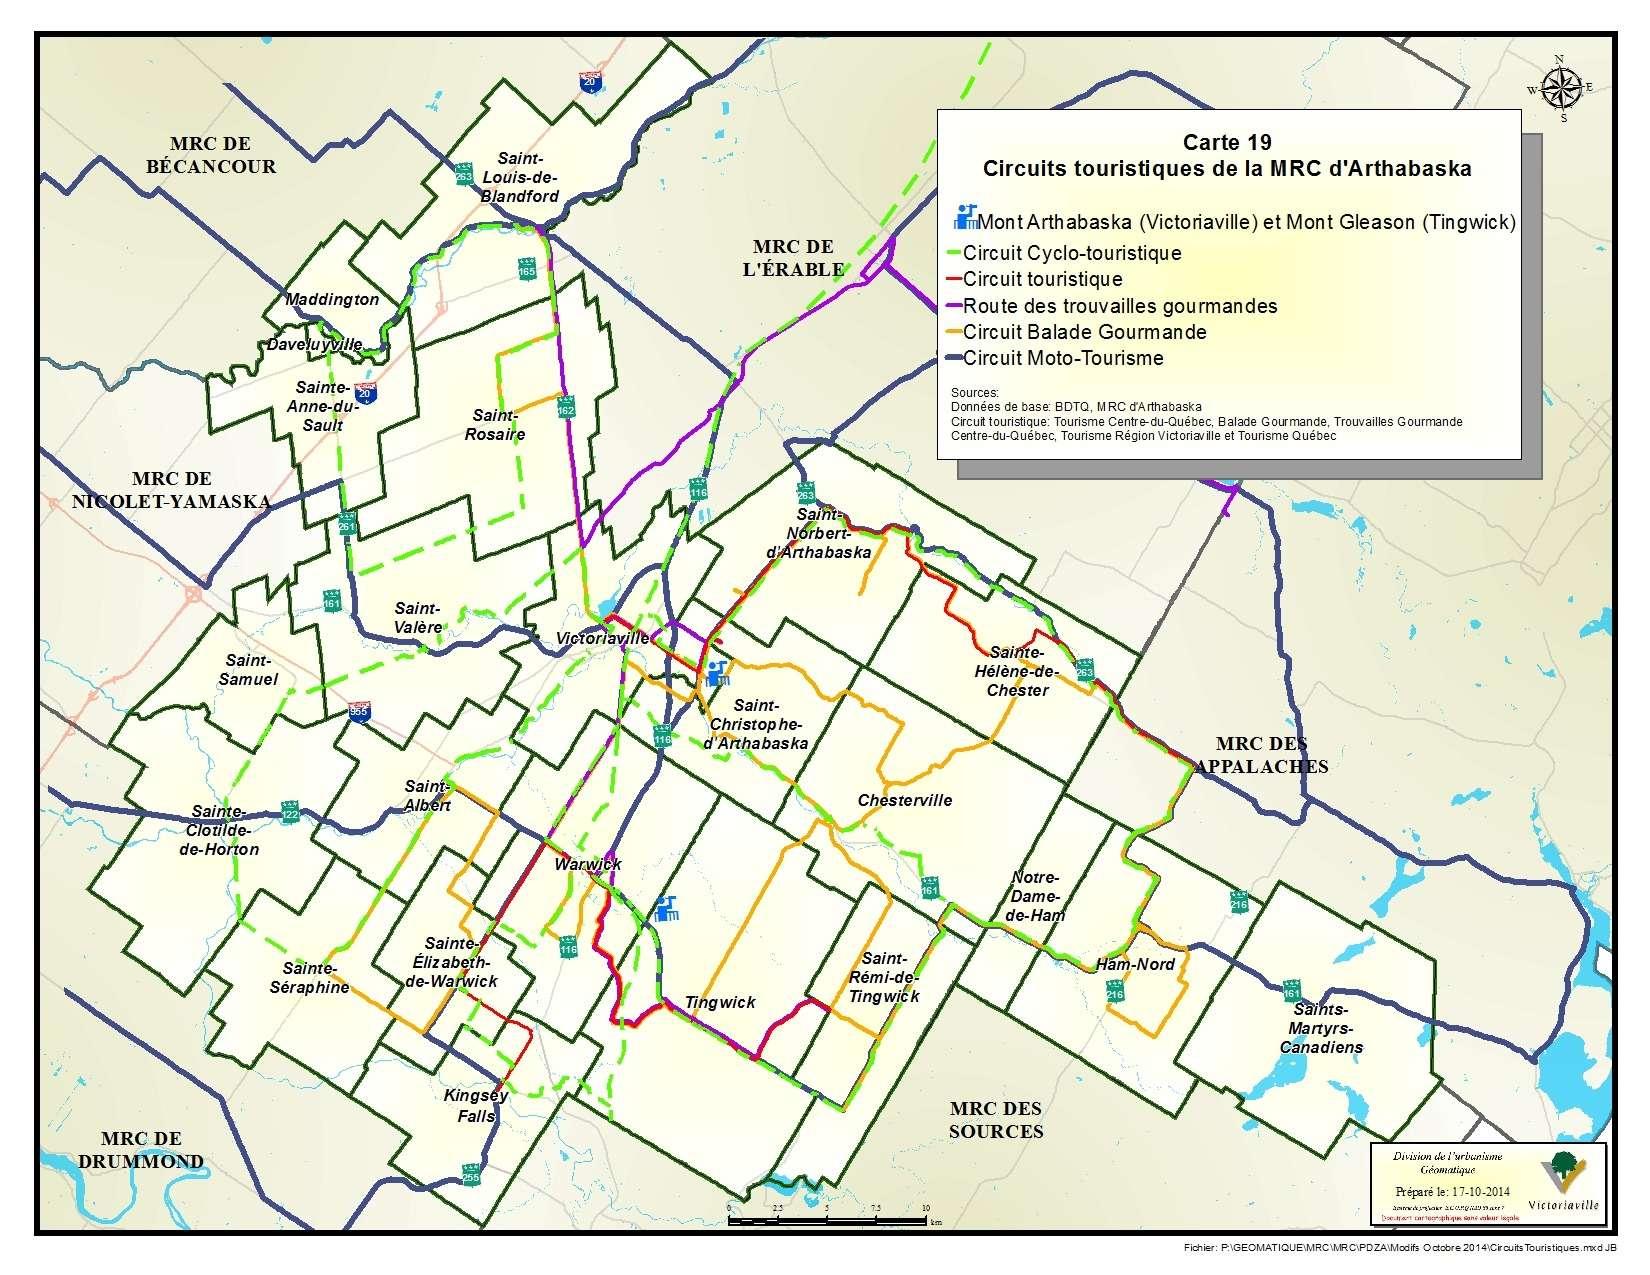 Carte 19 de 23 - Circuits touristiques de la MRC d'Arthabaska